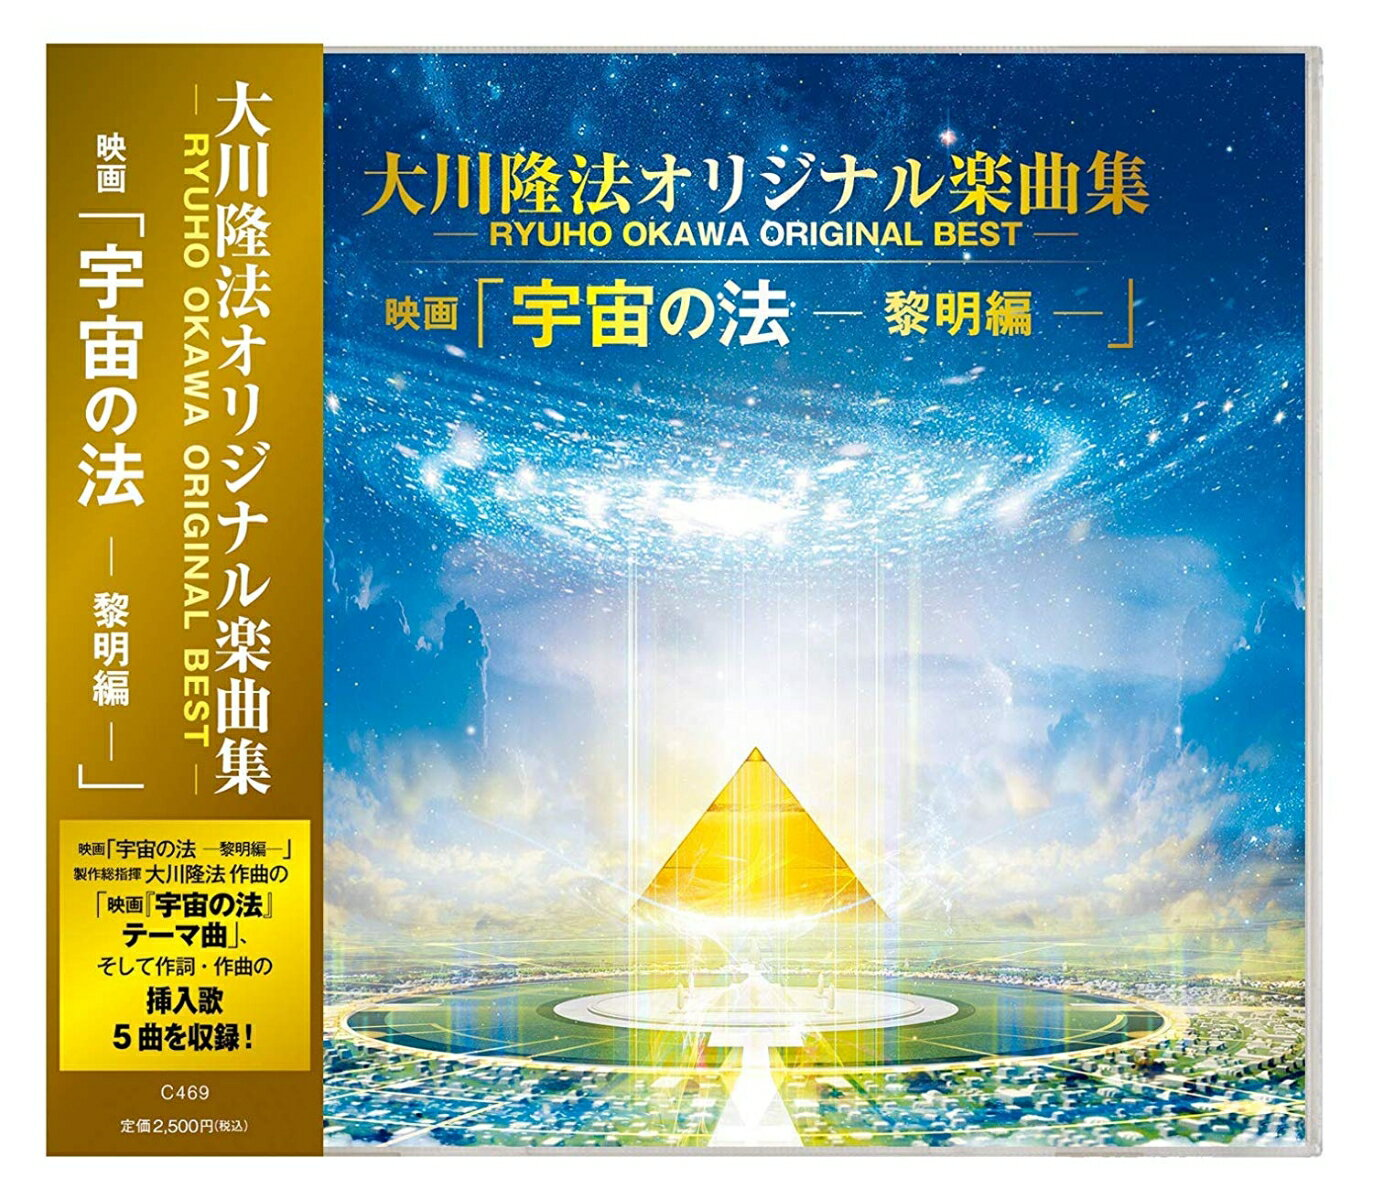 大川隆法オリジナル楽曲集ーRYUHO OKAWA ORIGINAL BEST-映画「宇宙の法ー黎明編ー」 [ 大川隆法 ]